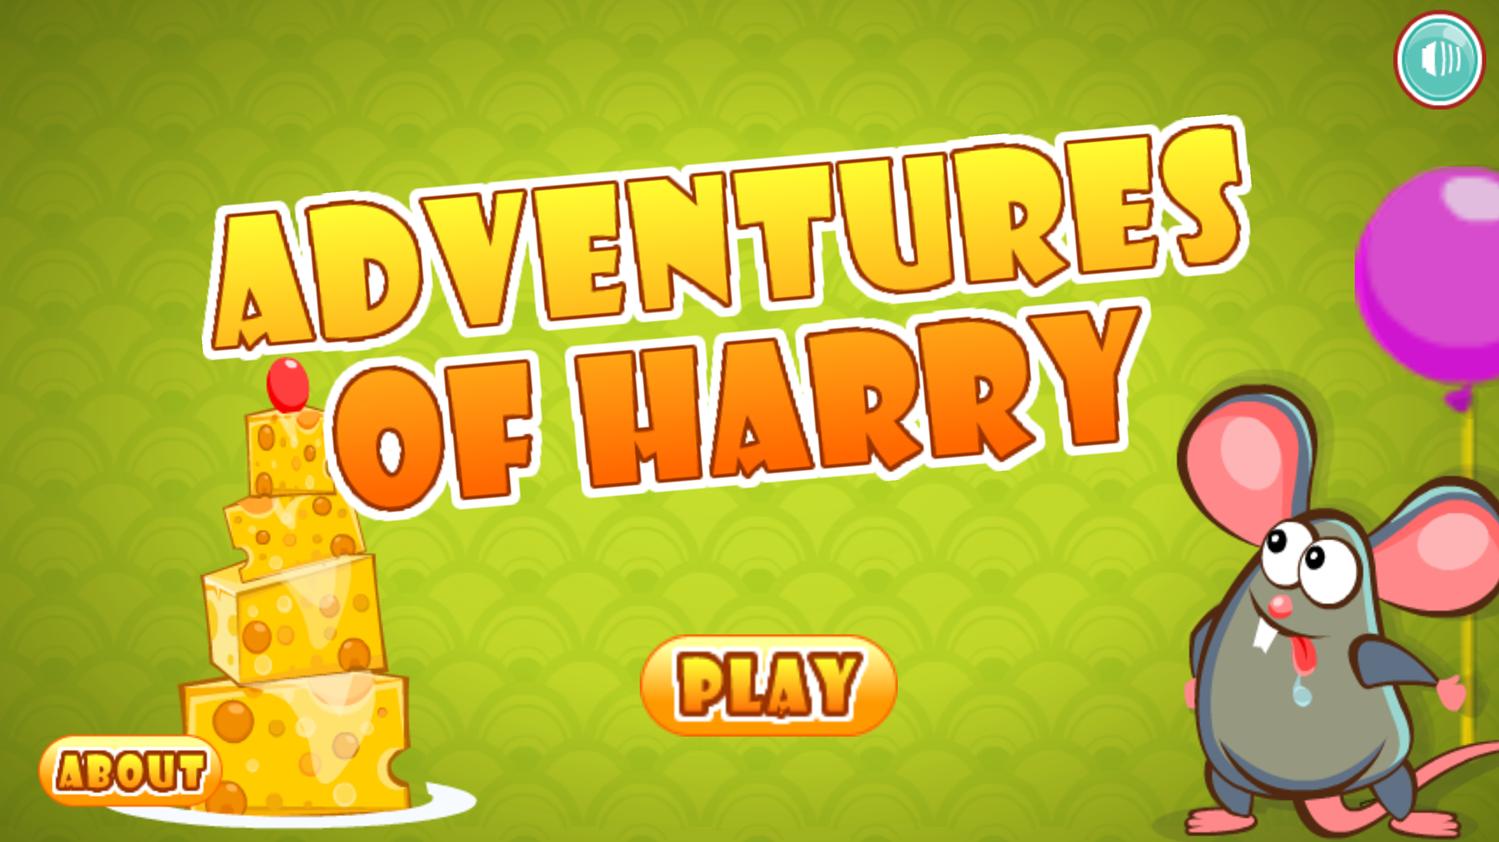 Adventures of Harry Welcome Screen Screenshot.